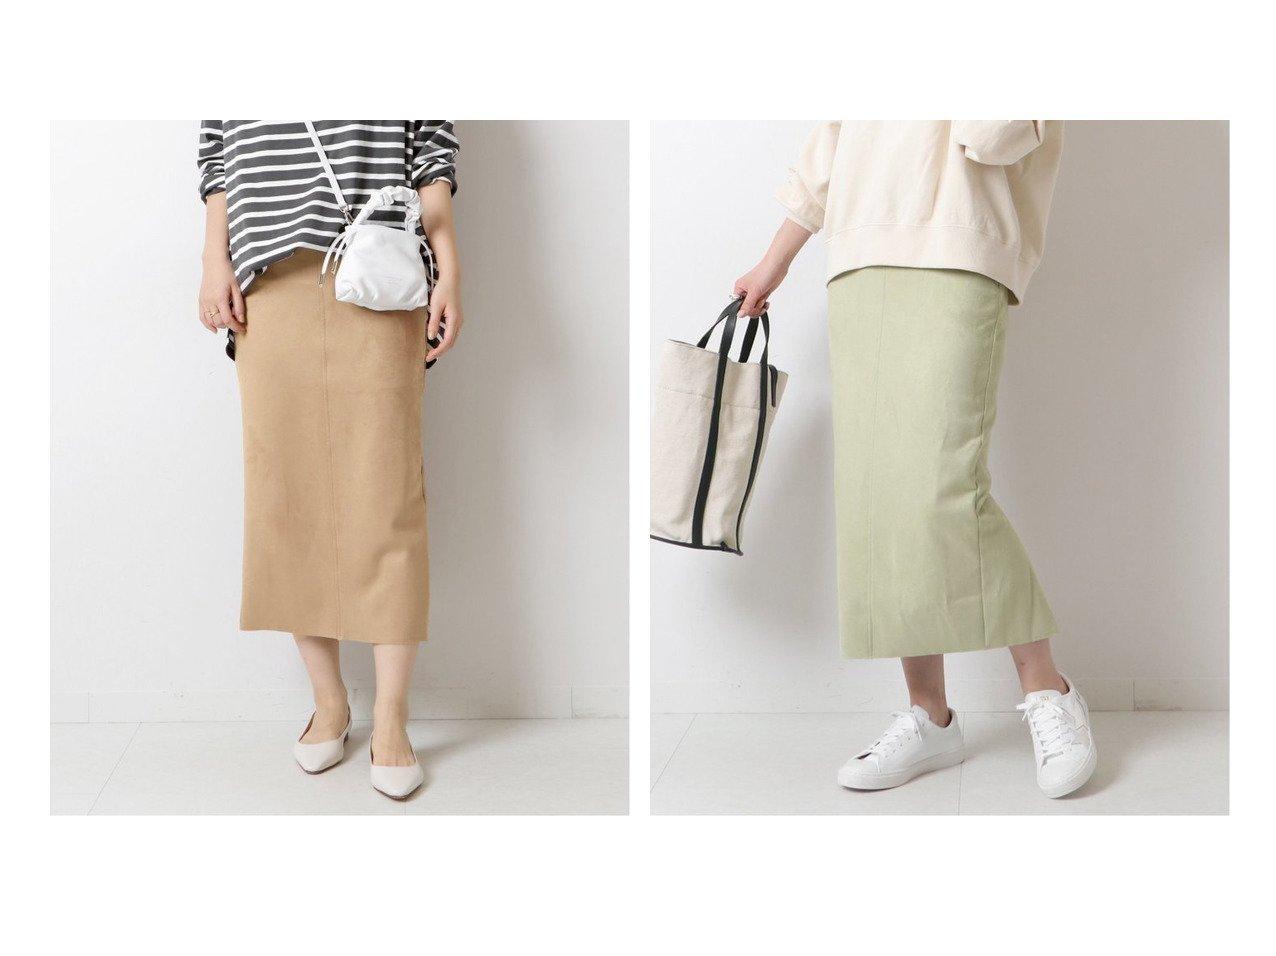 【Spick & Span/スピック&スパン】の≪追加≫フェイクスエードストレッチタイトスカート2 スカートのおすすめ!人気、トレンド・レディースファッションの通販 おすすめで人気の流行・トレンド、ファッションの通販商品 メンズファッション・キッズファッション・インテリア・家具・レディースファッション・服の通販 founy(ファニー) https://founy.com/ ファッション Fashion レディースファッション WOMEN スカート Skirt 2021年 2021 2021 春夏 S/S SS Spring/Summer 2021 S/S 春夏 SS Spring/Summer 人気 |ID:crp329100000023880